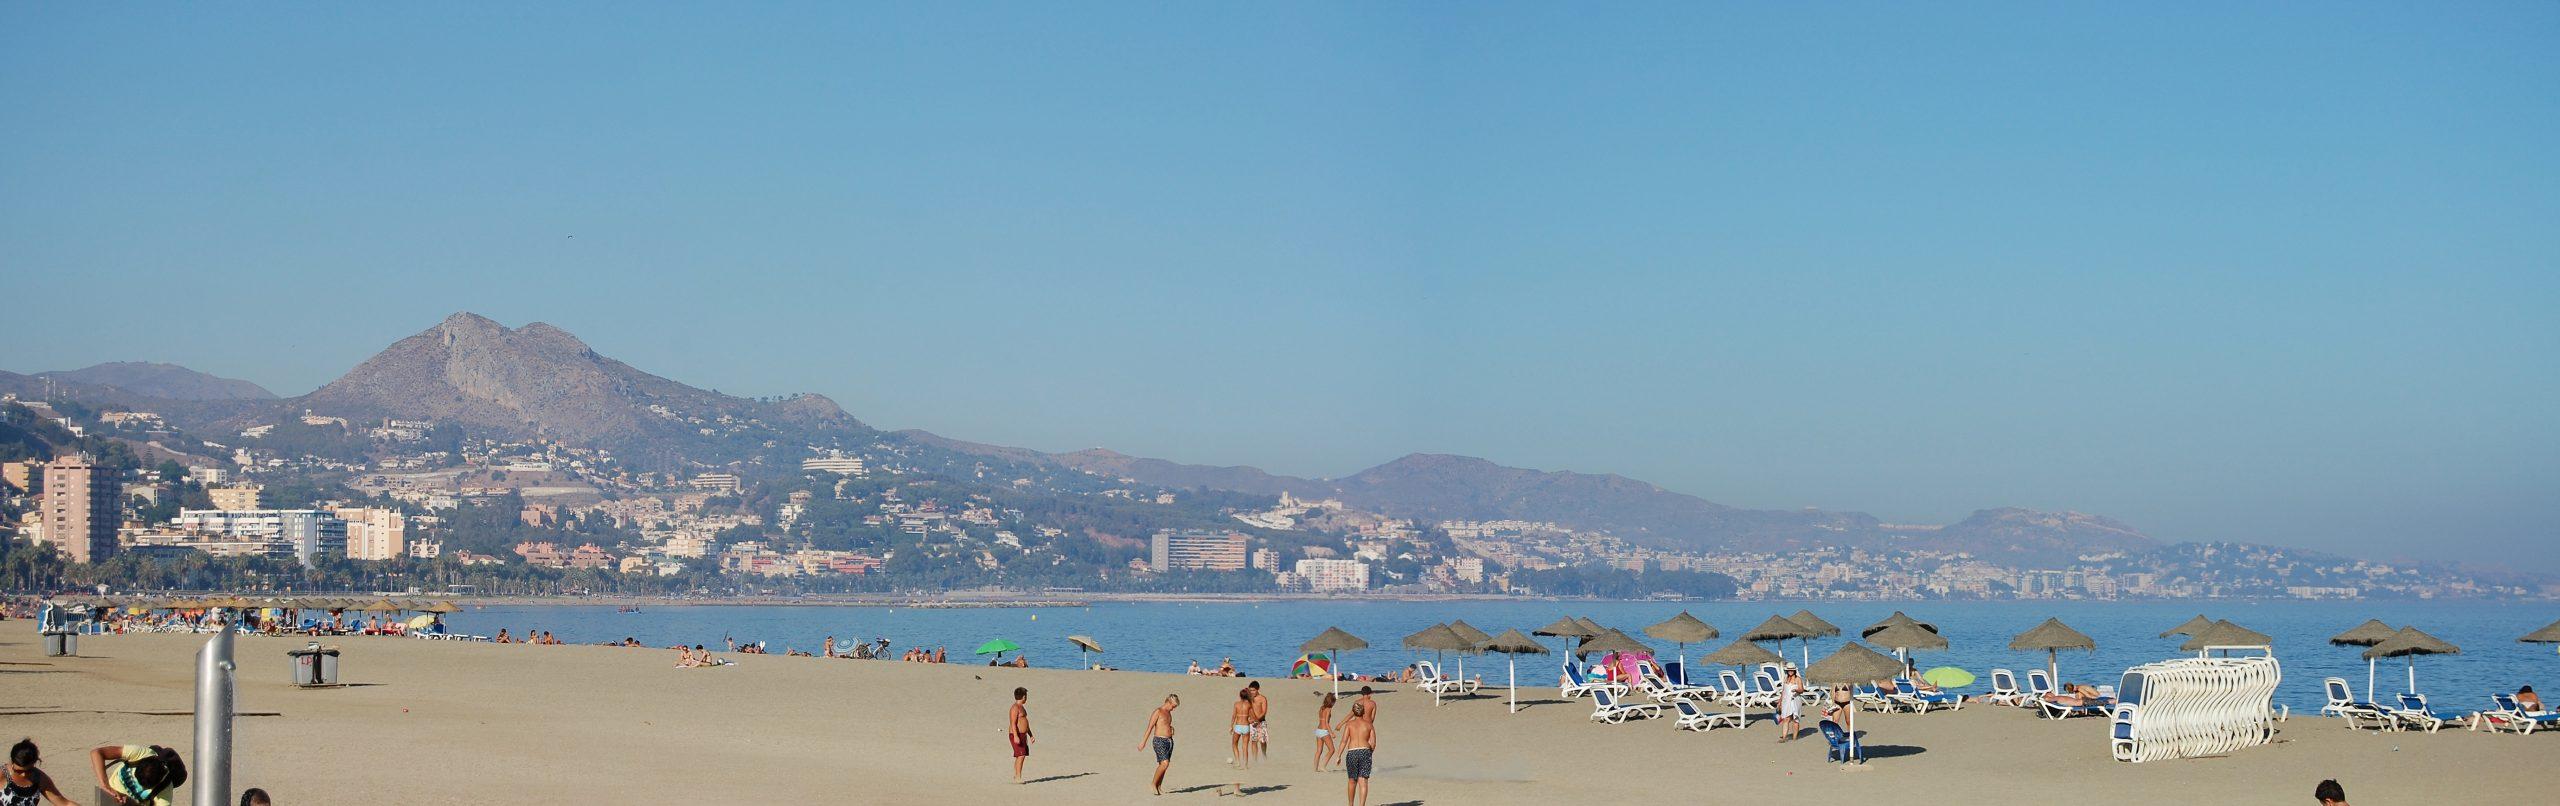 Spend-your-winter-in-Málaga-Spain-Is-Málaga-a-good-snowbird-location-1